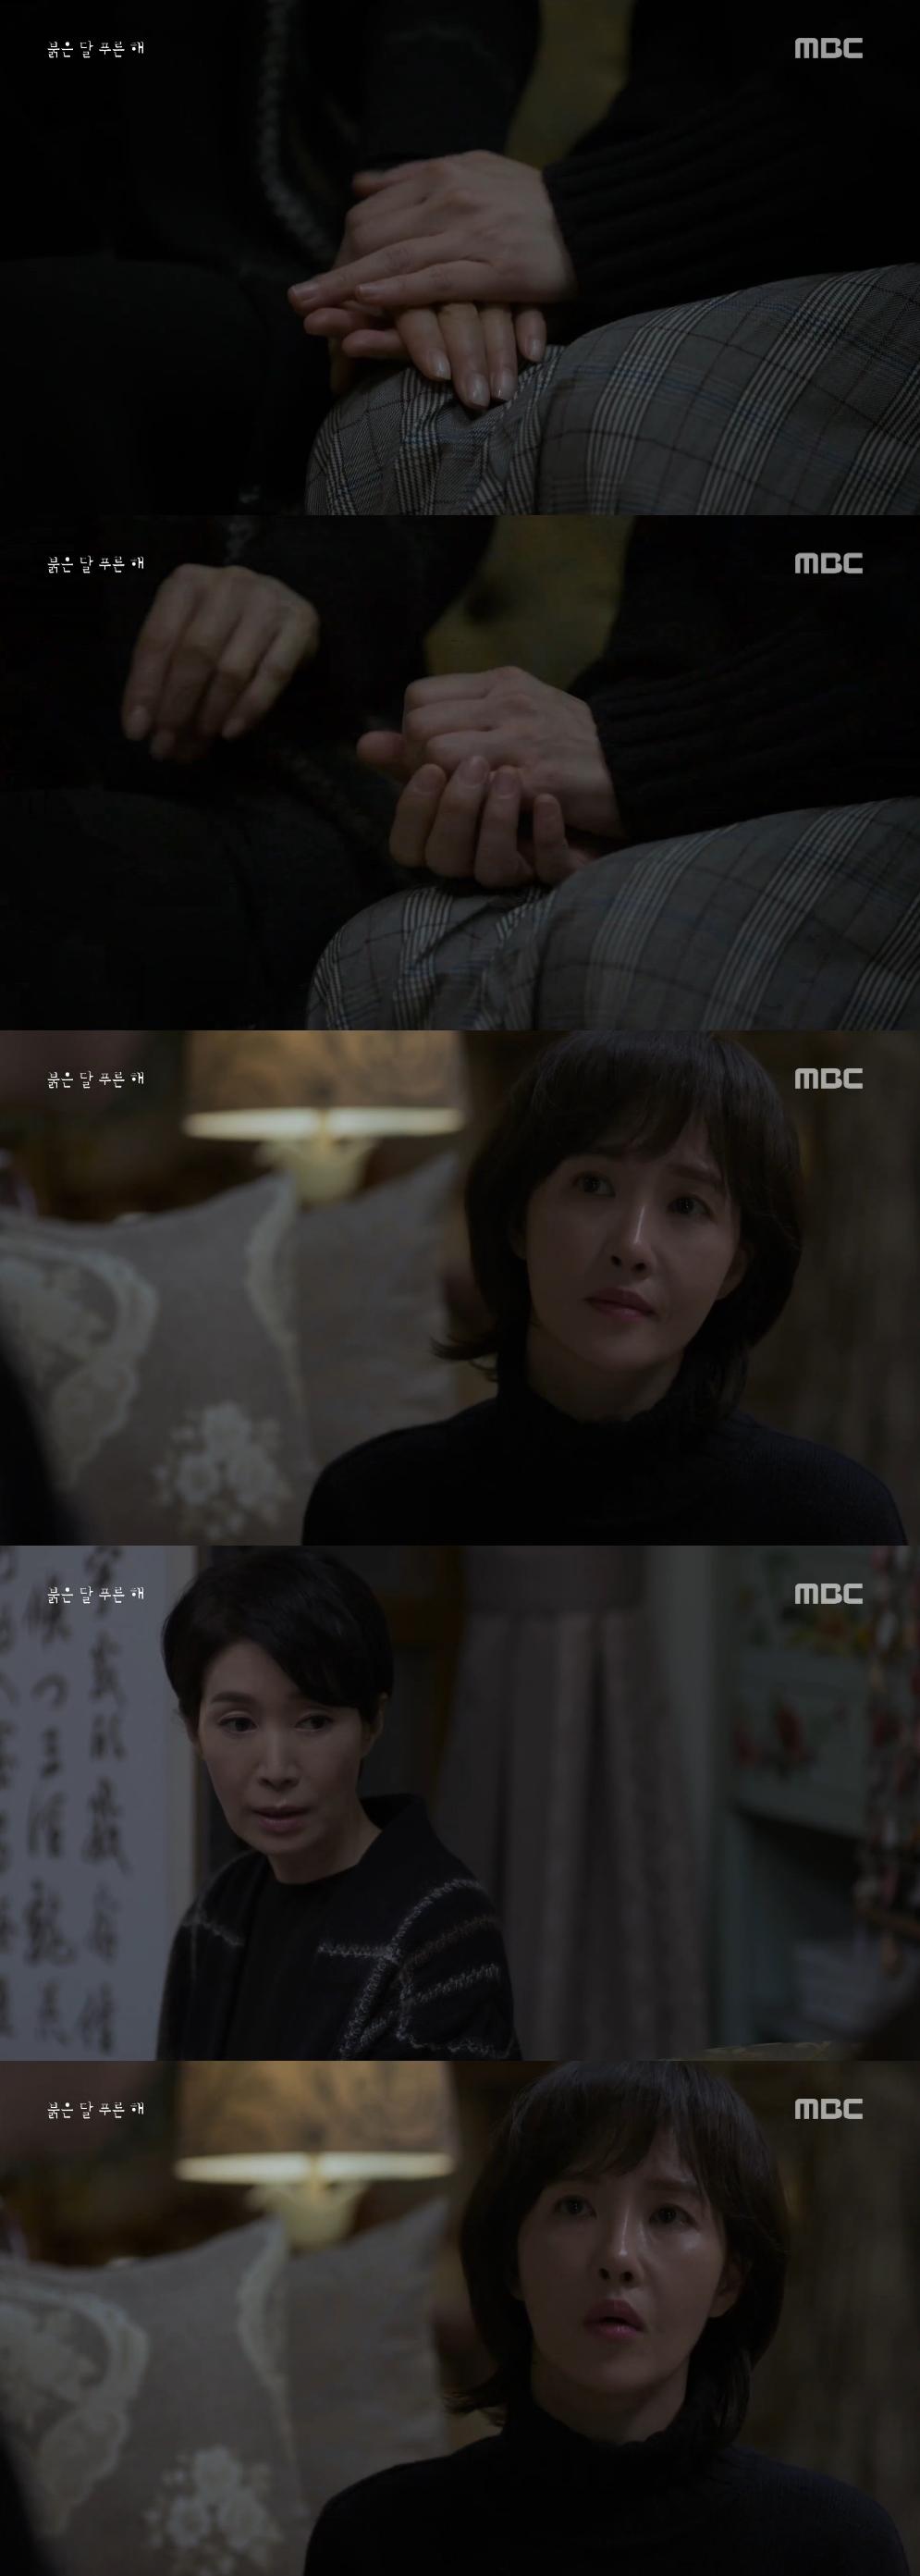 '붉은 달 푸른 해' 김선아, 녹색소녀 기억 떠올렸다! 자체 최고 시청률 경신